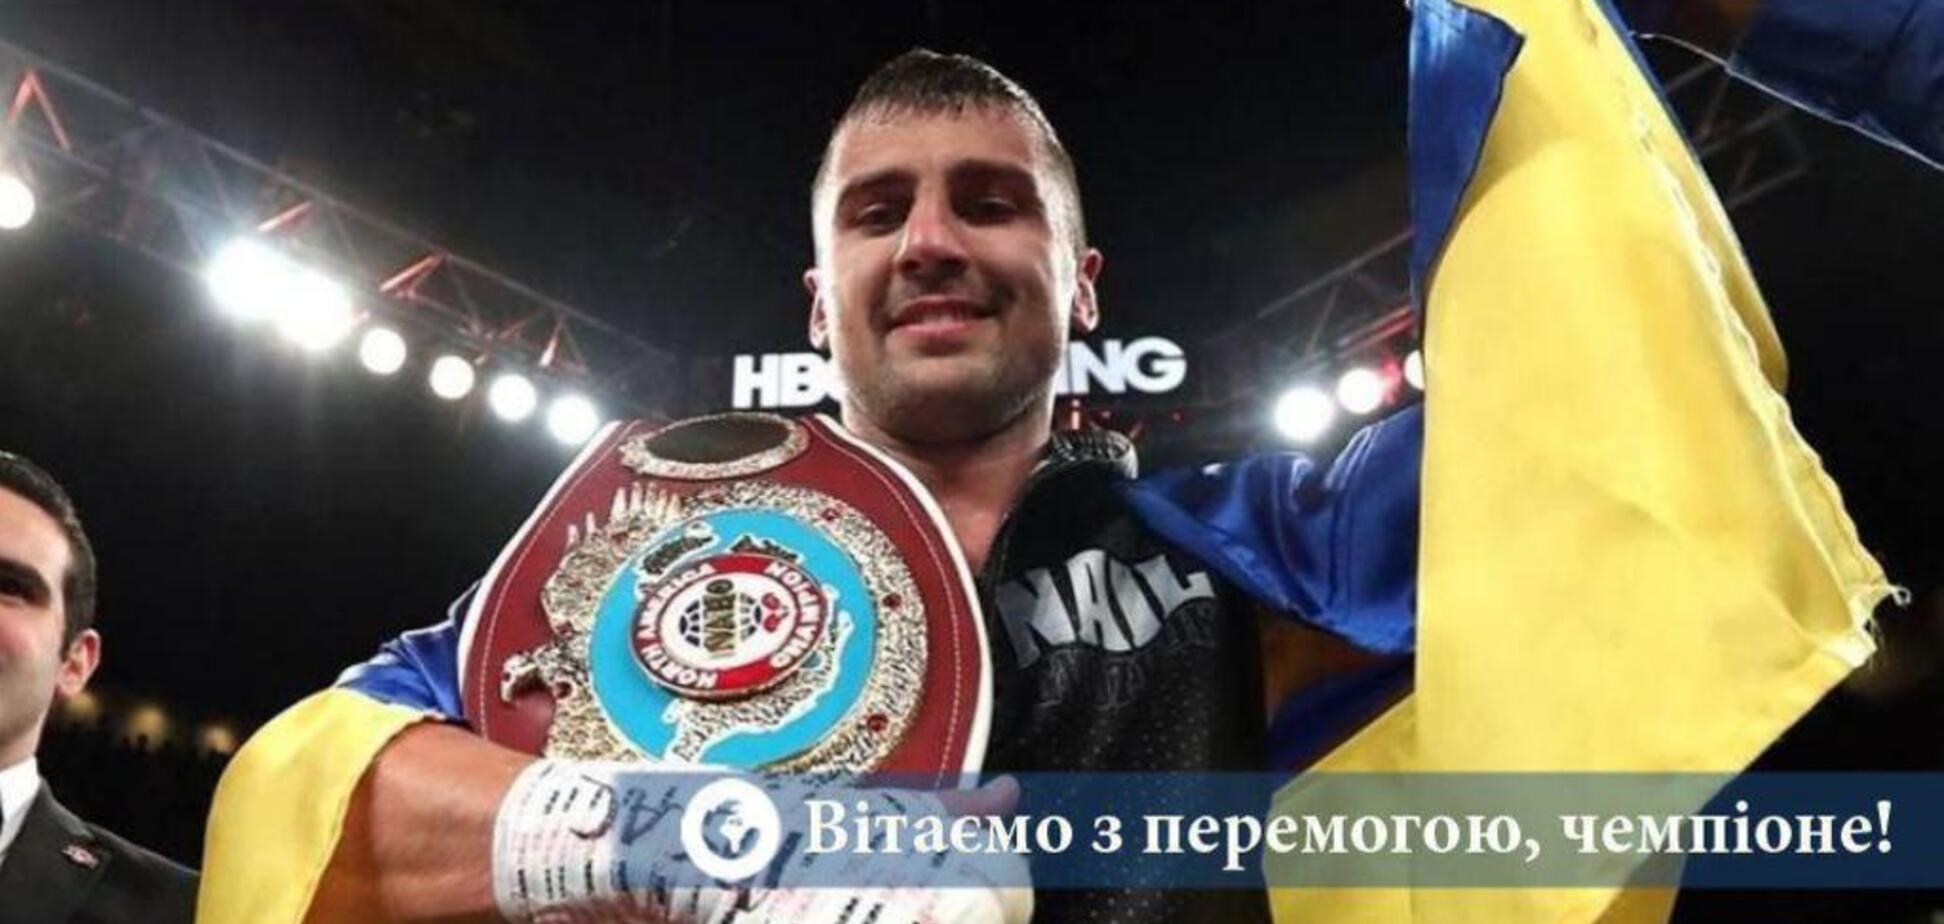 Гвоздик досрочно победил в чемпионском бою